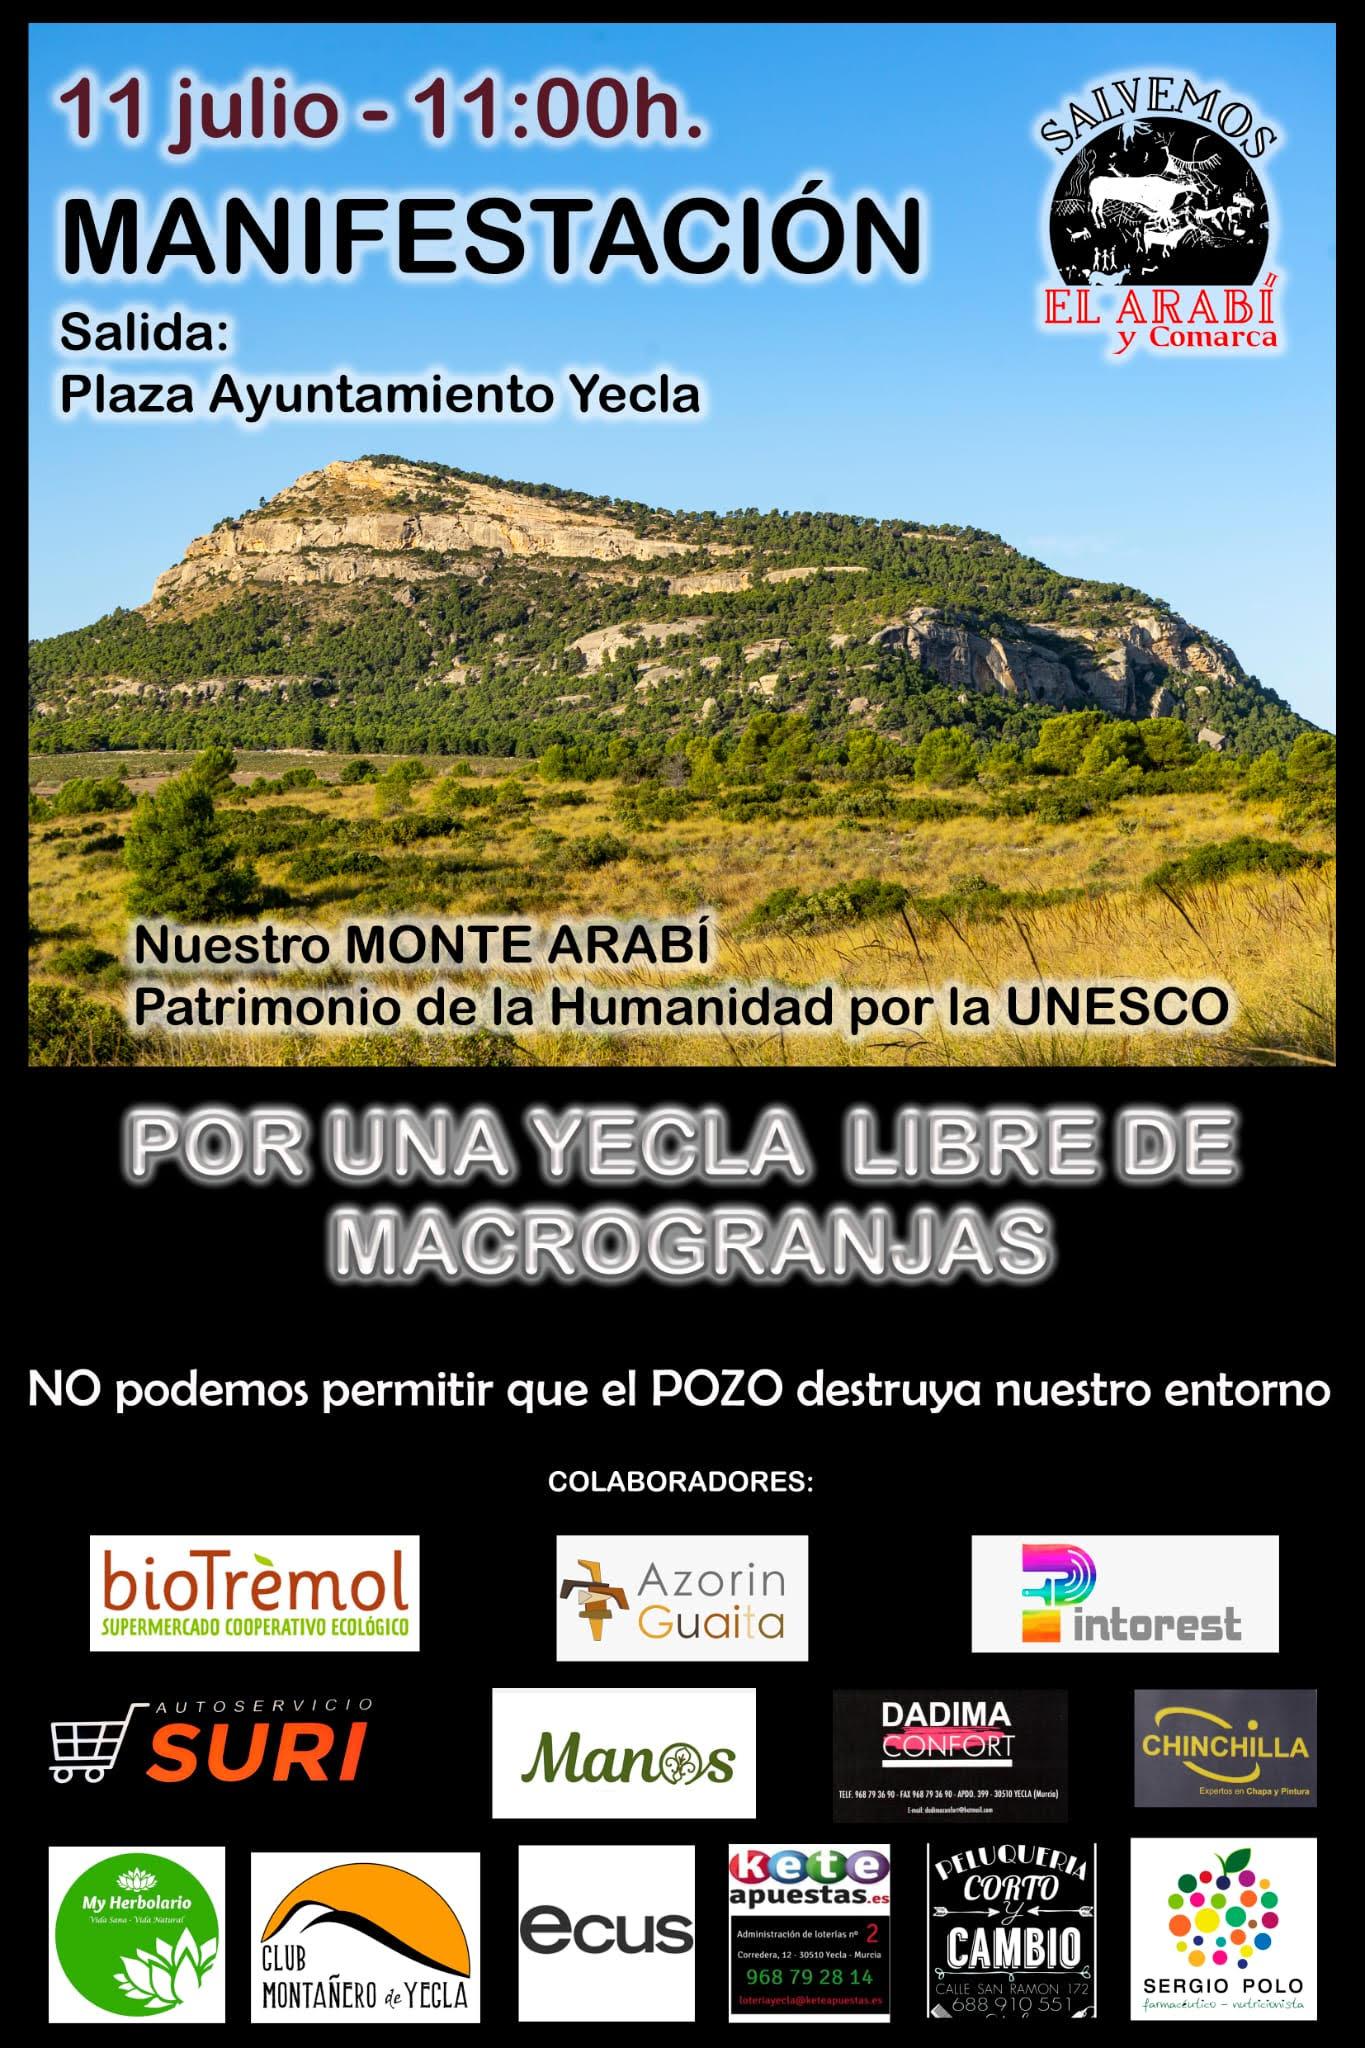 Cartel informativo de la manifestación